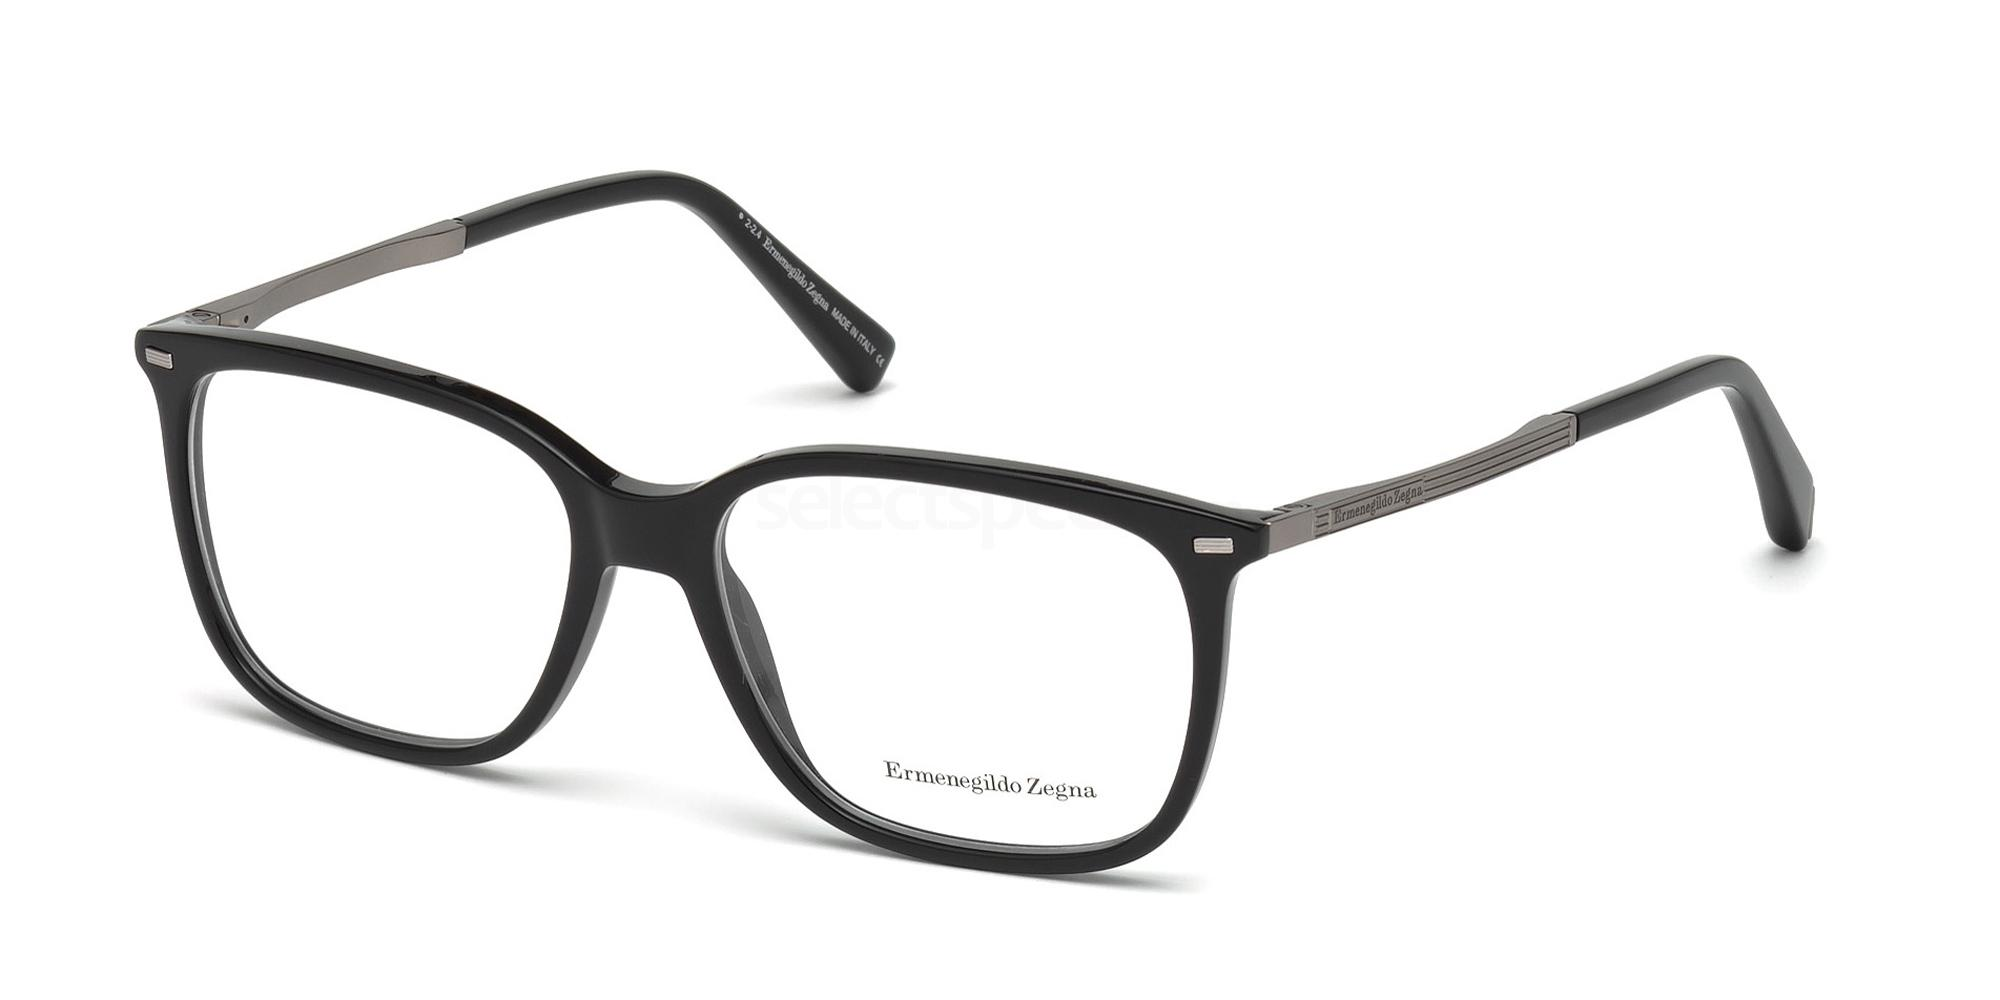 005 EZ5020 Glasses, Ermenegildo Zegna